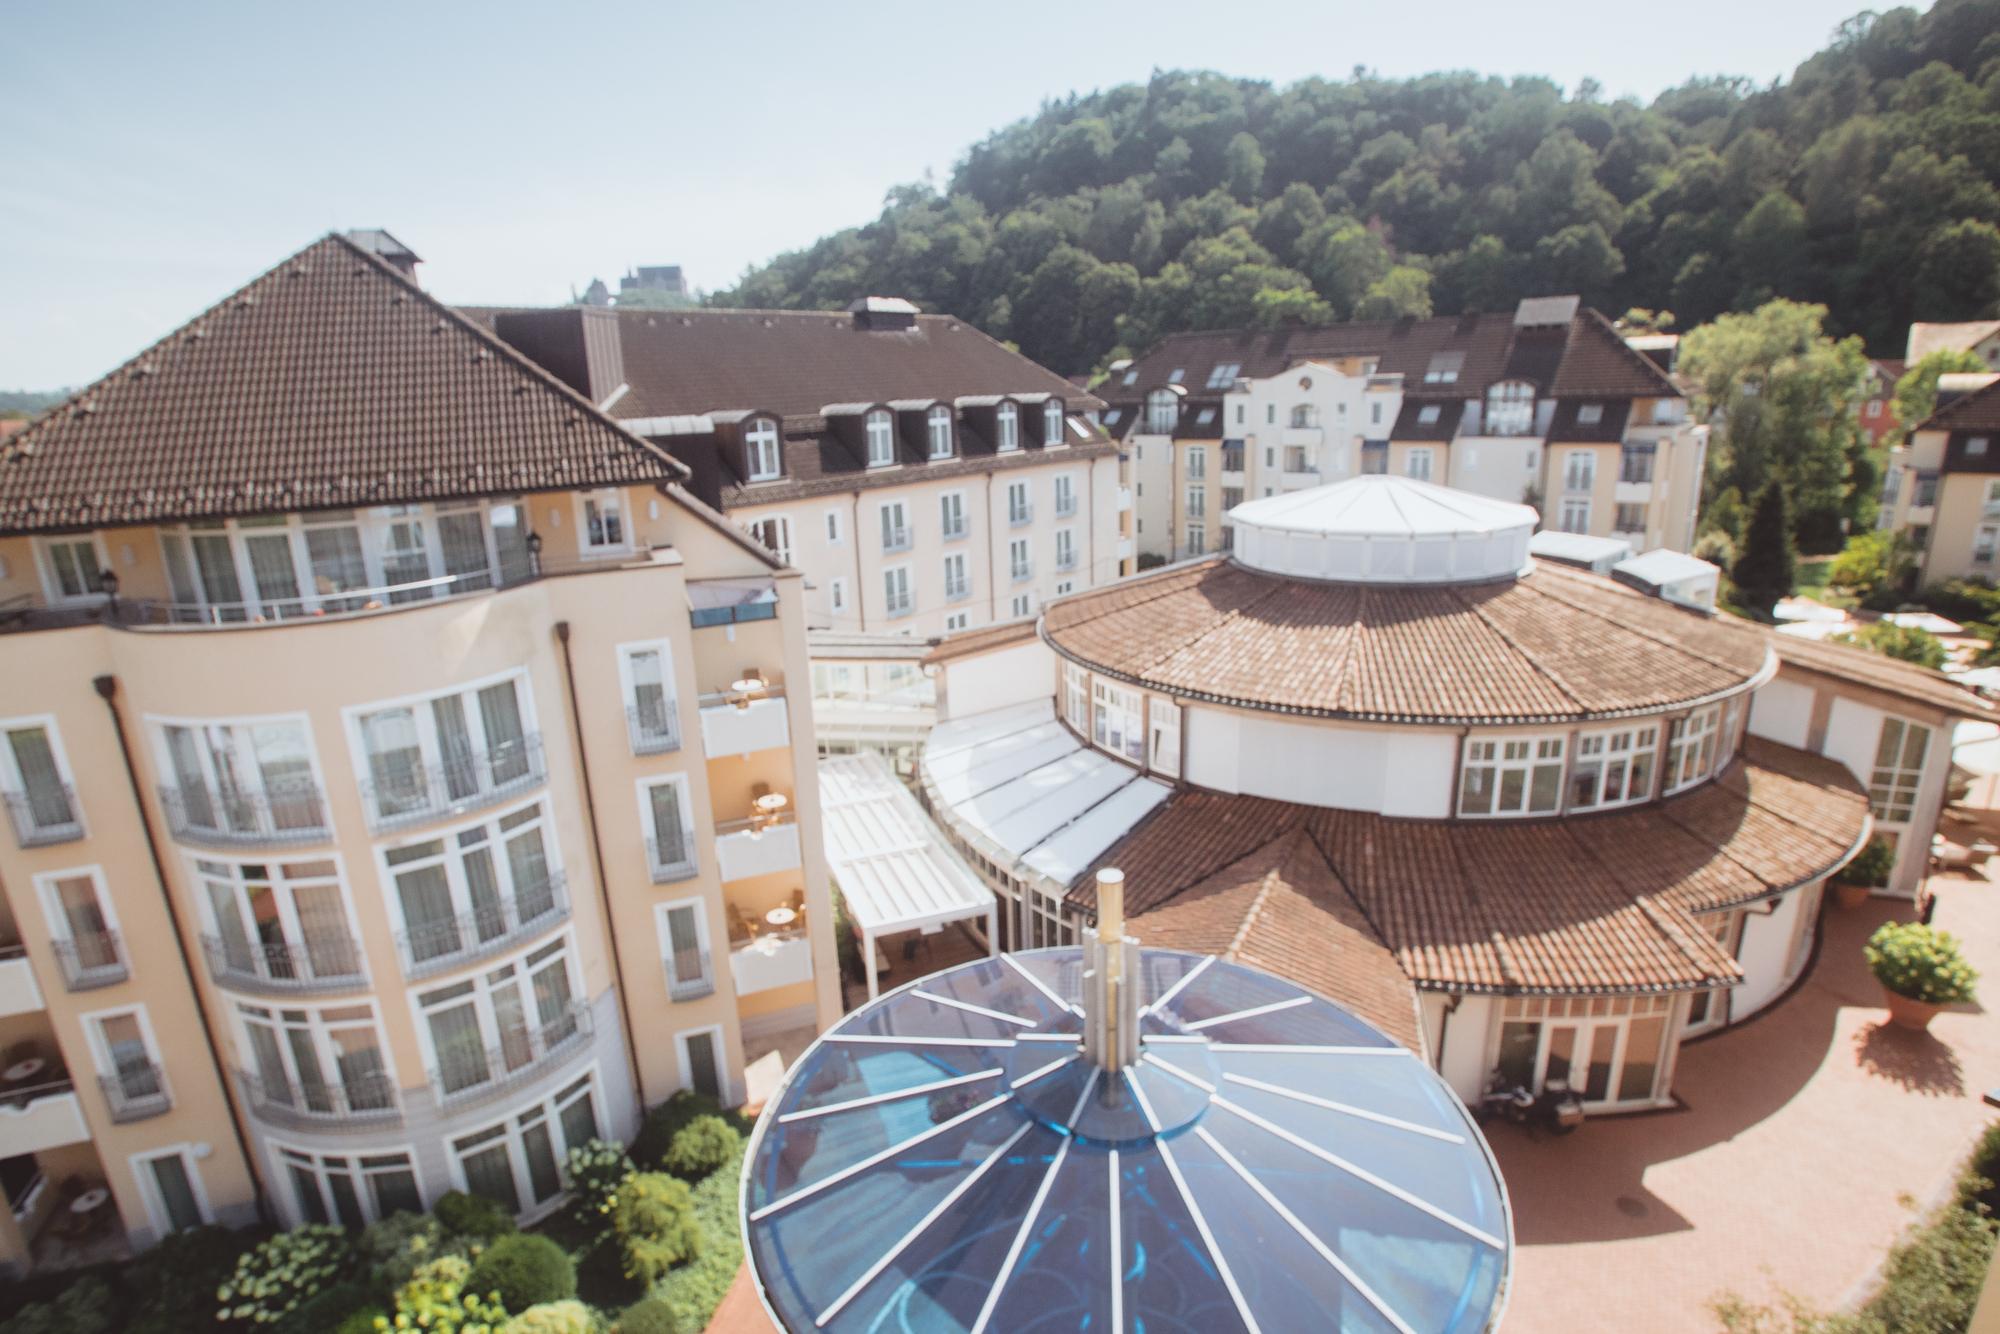 Marburg_Hotel Vila Vita Rosenpark_Luftaufnahme.jpg